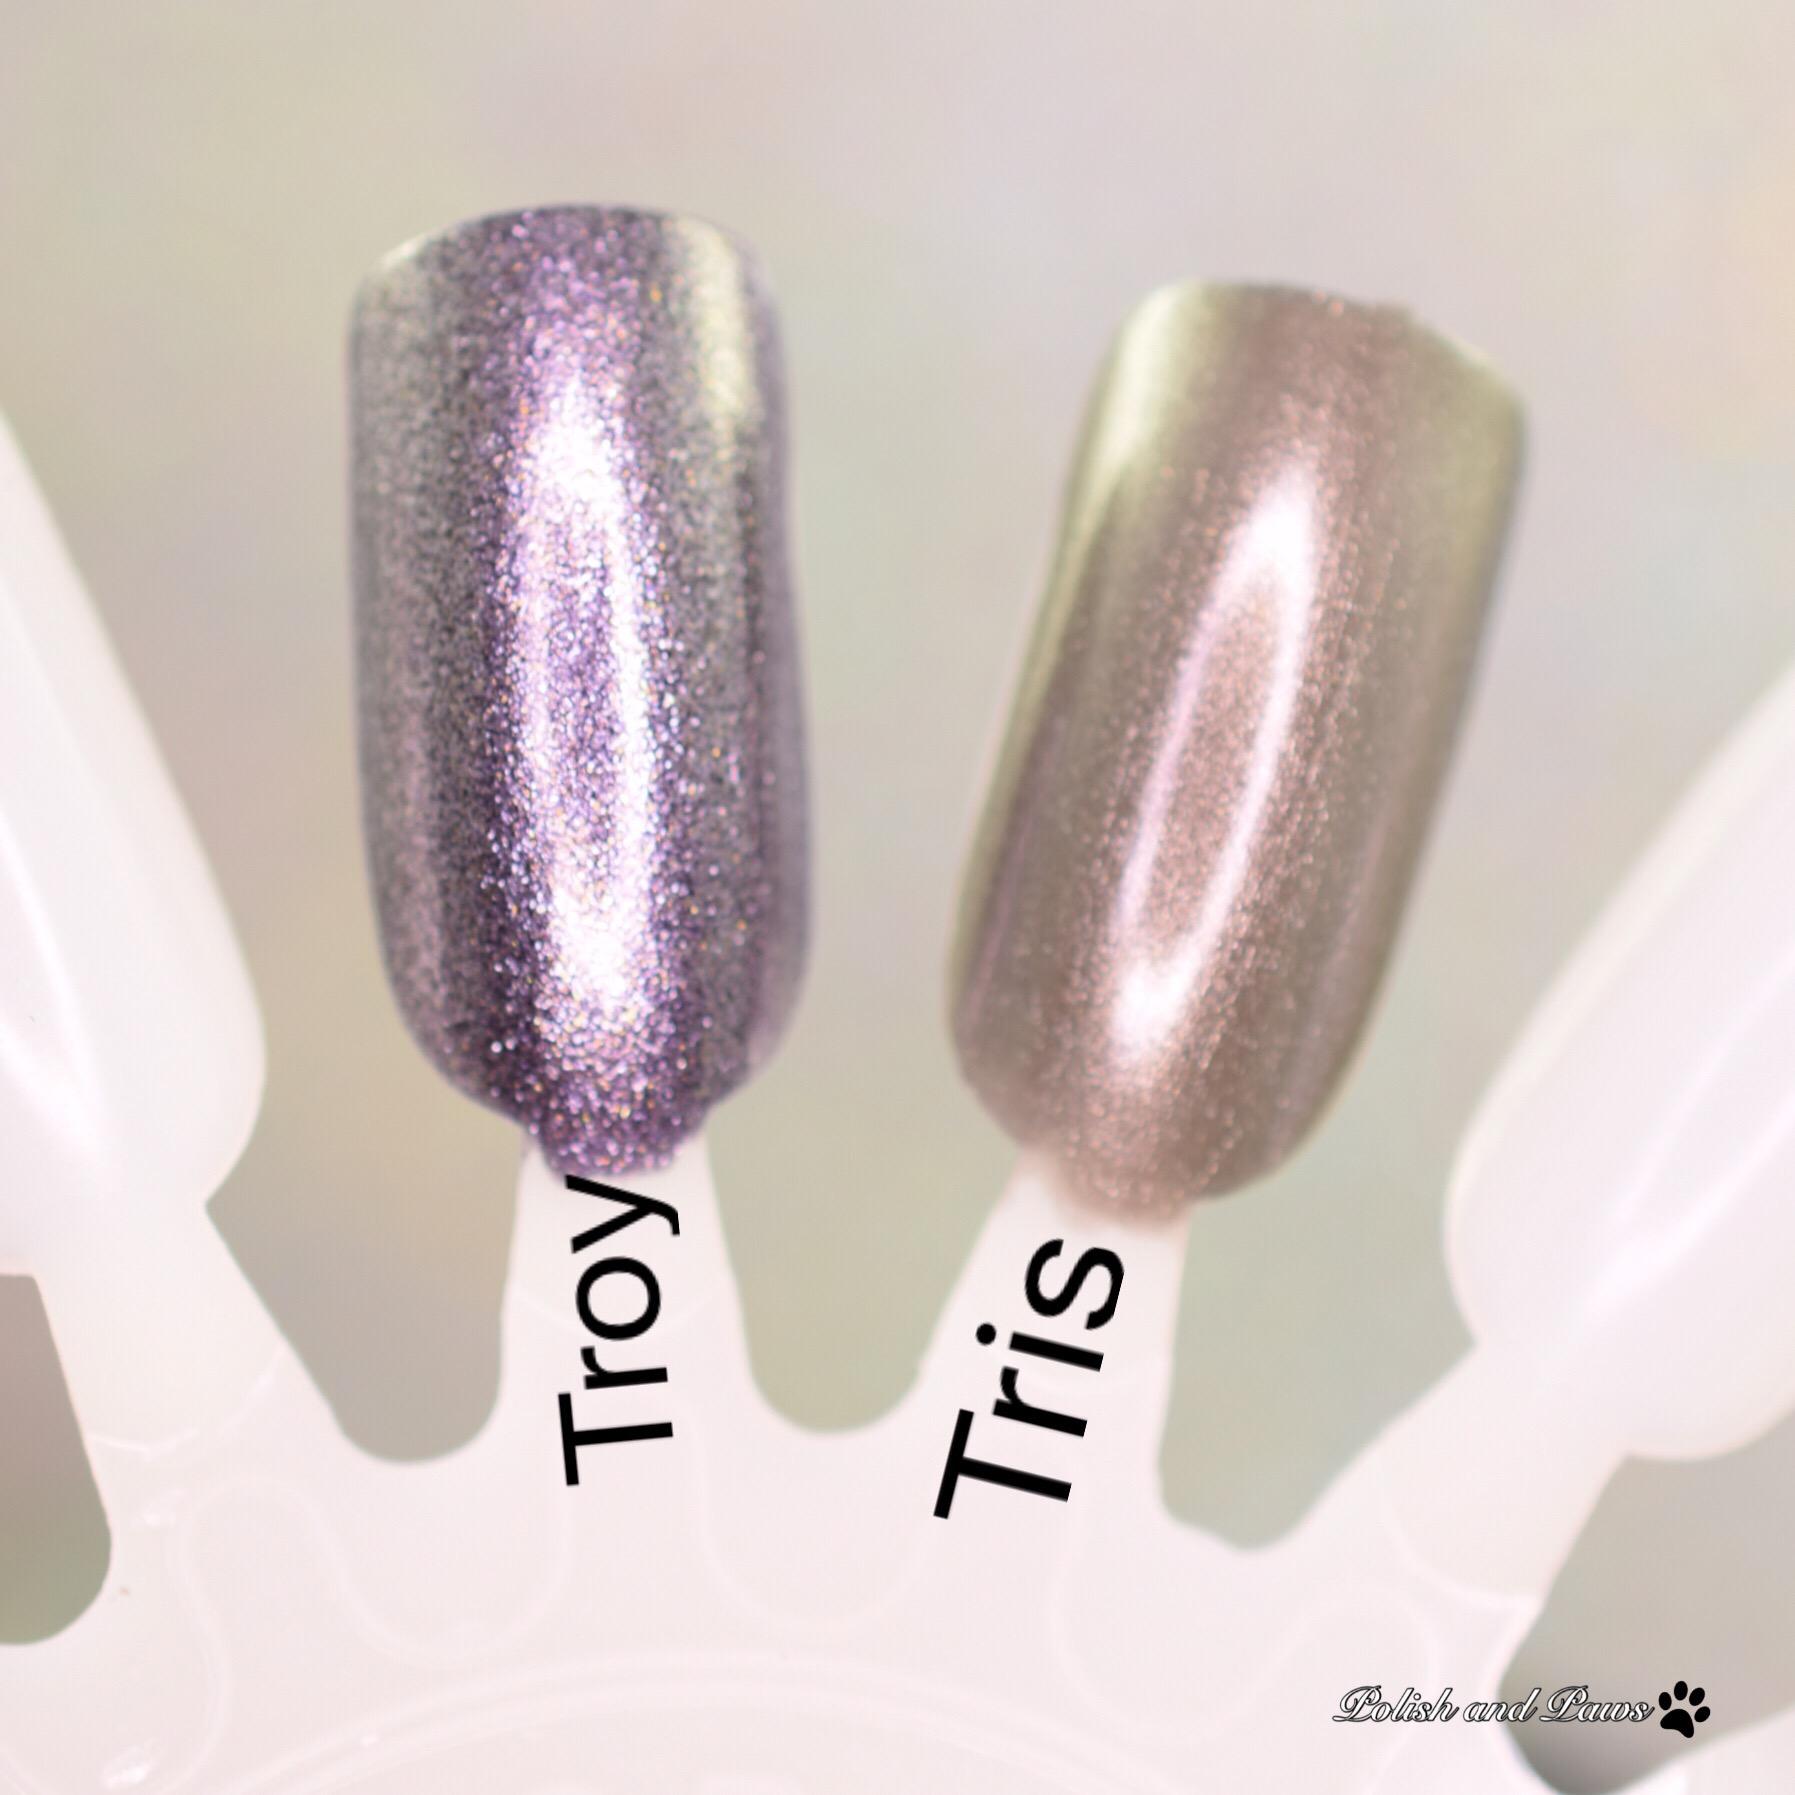 Zoya Troy vs Zoya Tris